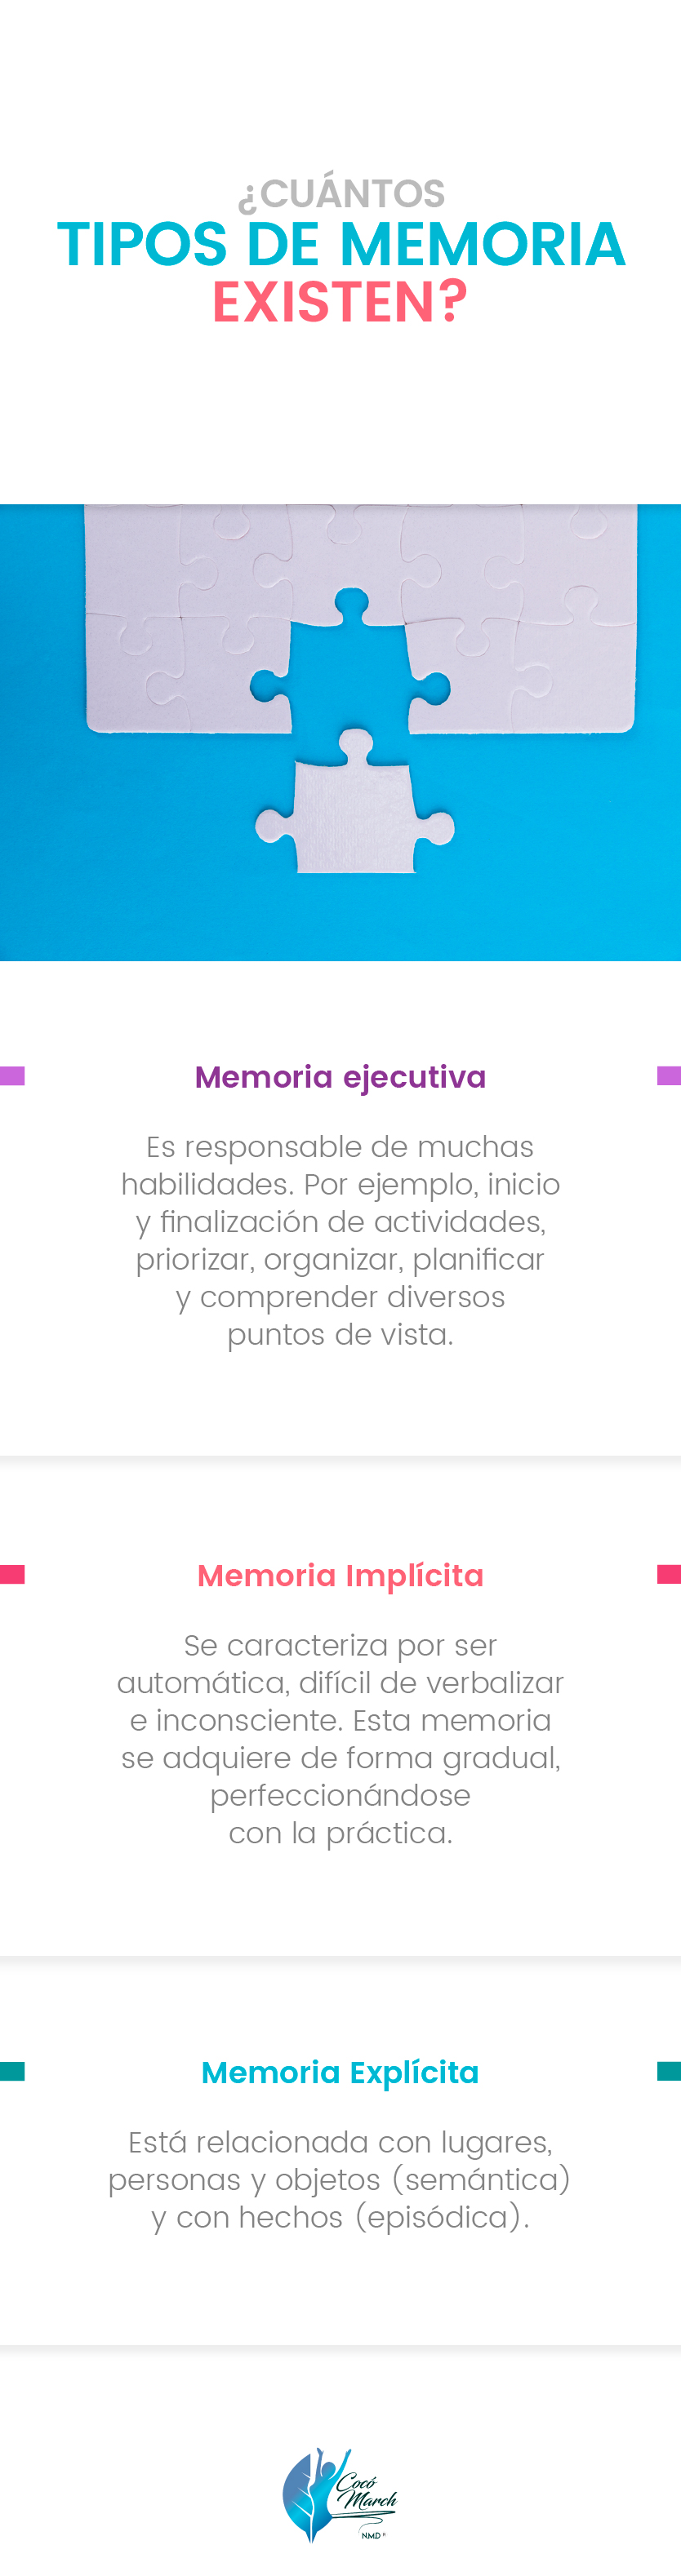 tipos-de-memoria